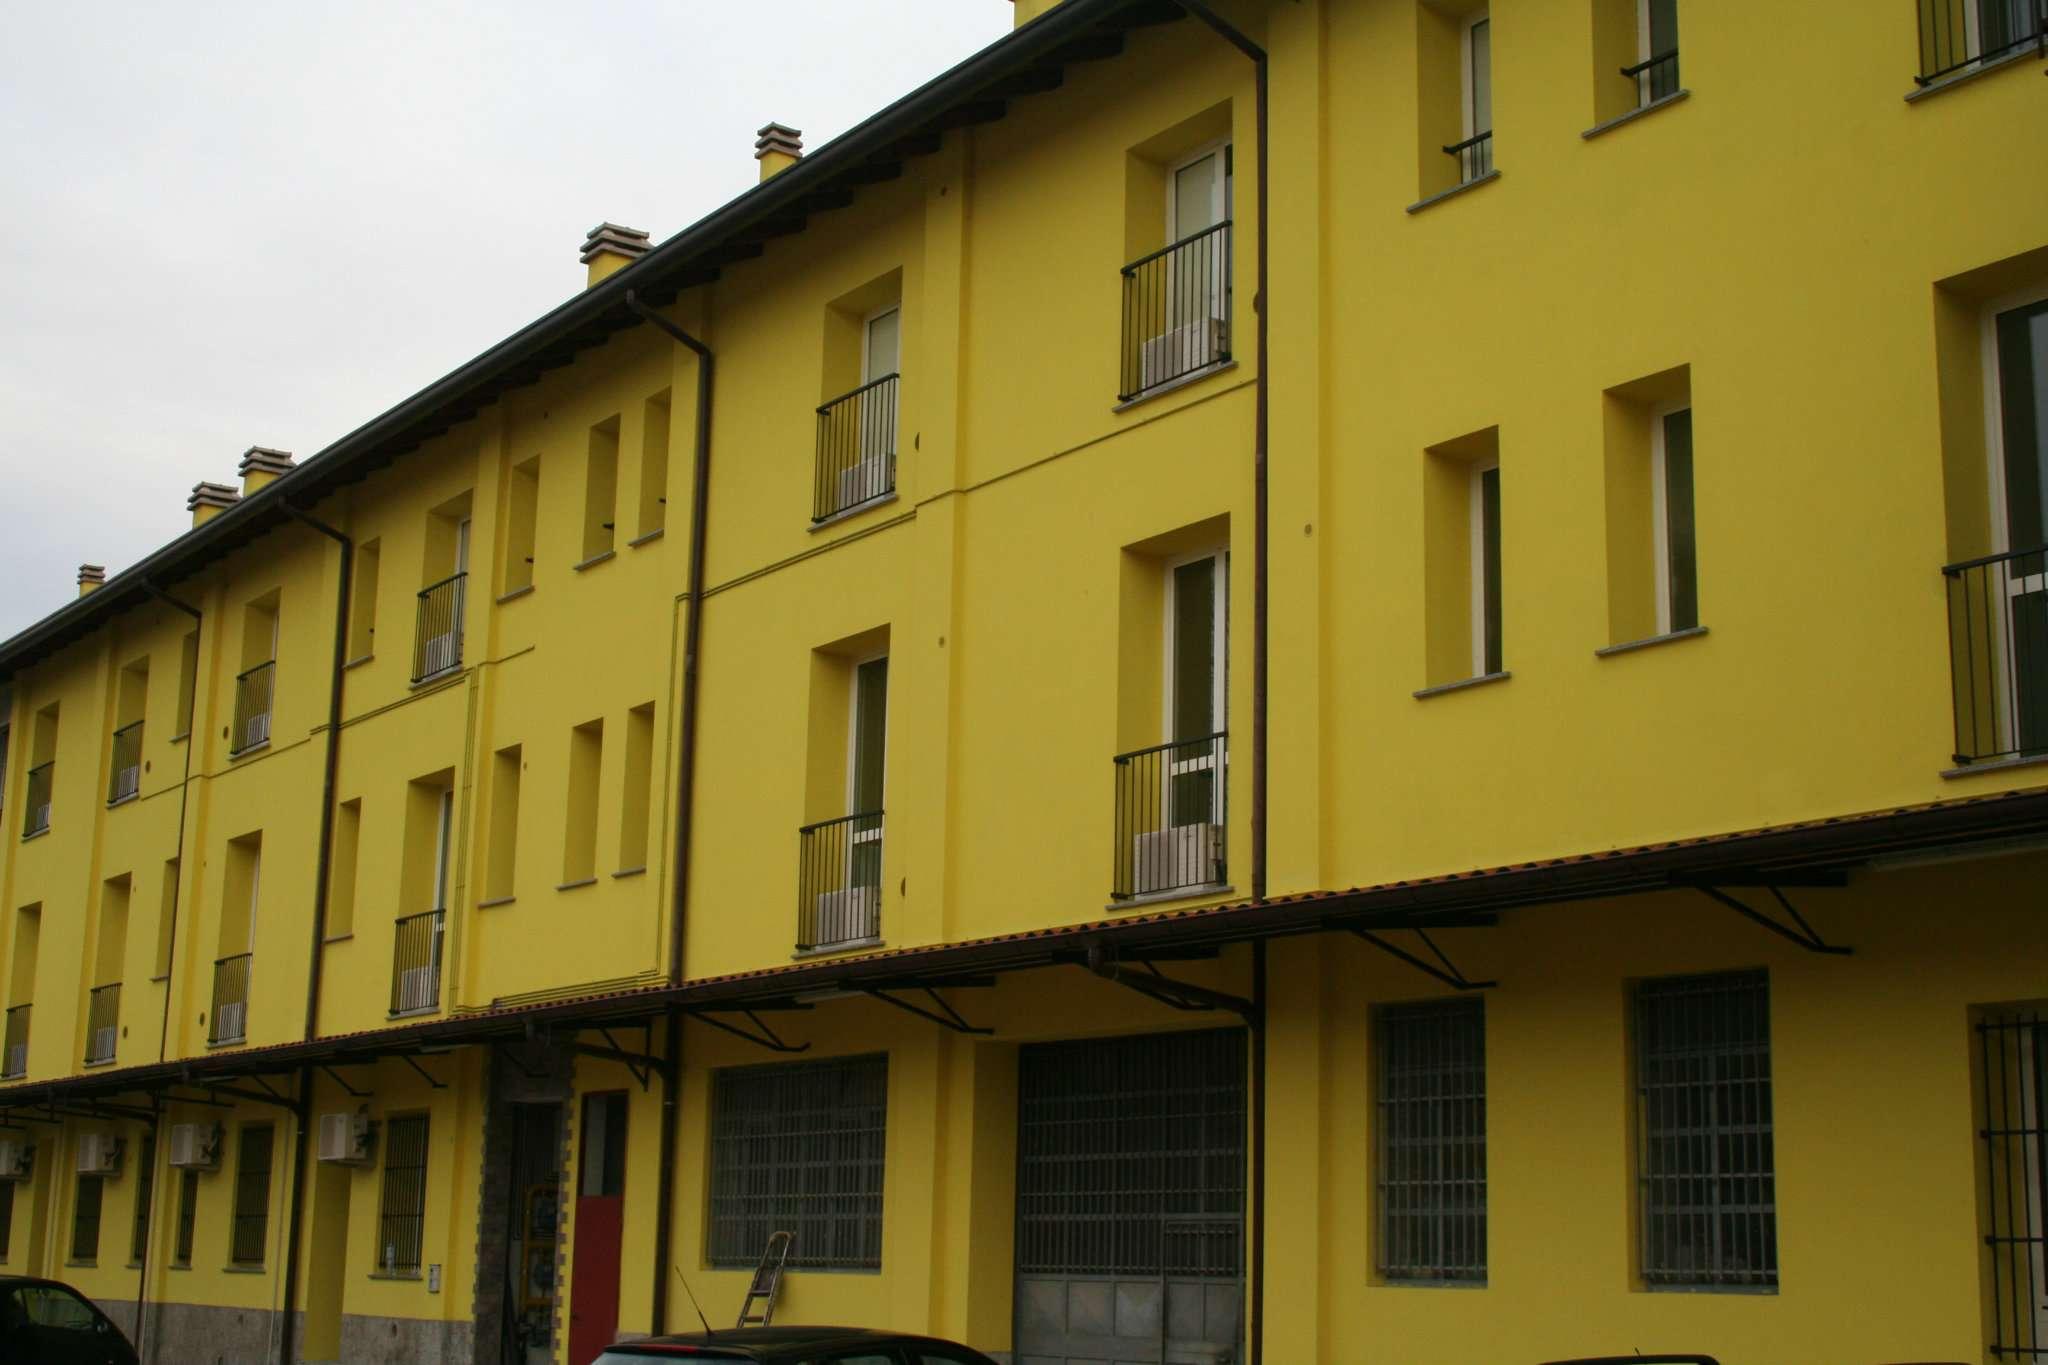 Appartamento in affitto a Lentate sul Seveso, 2 locali, prezzo € 400 | Cambio Casa.it